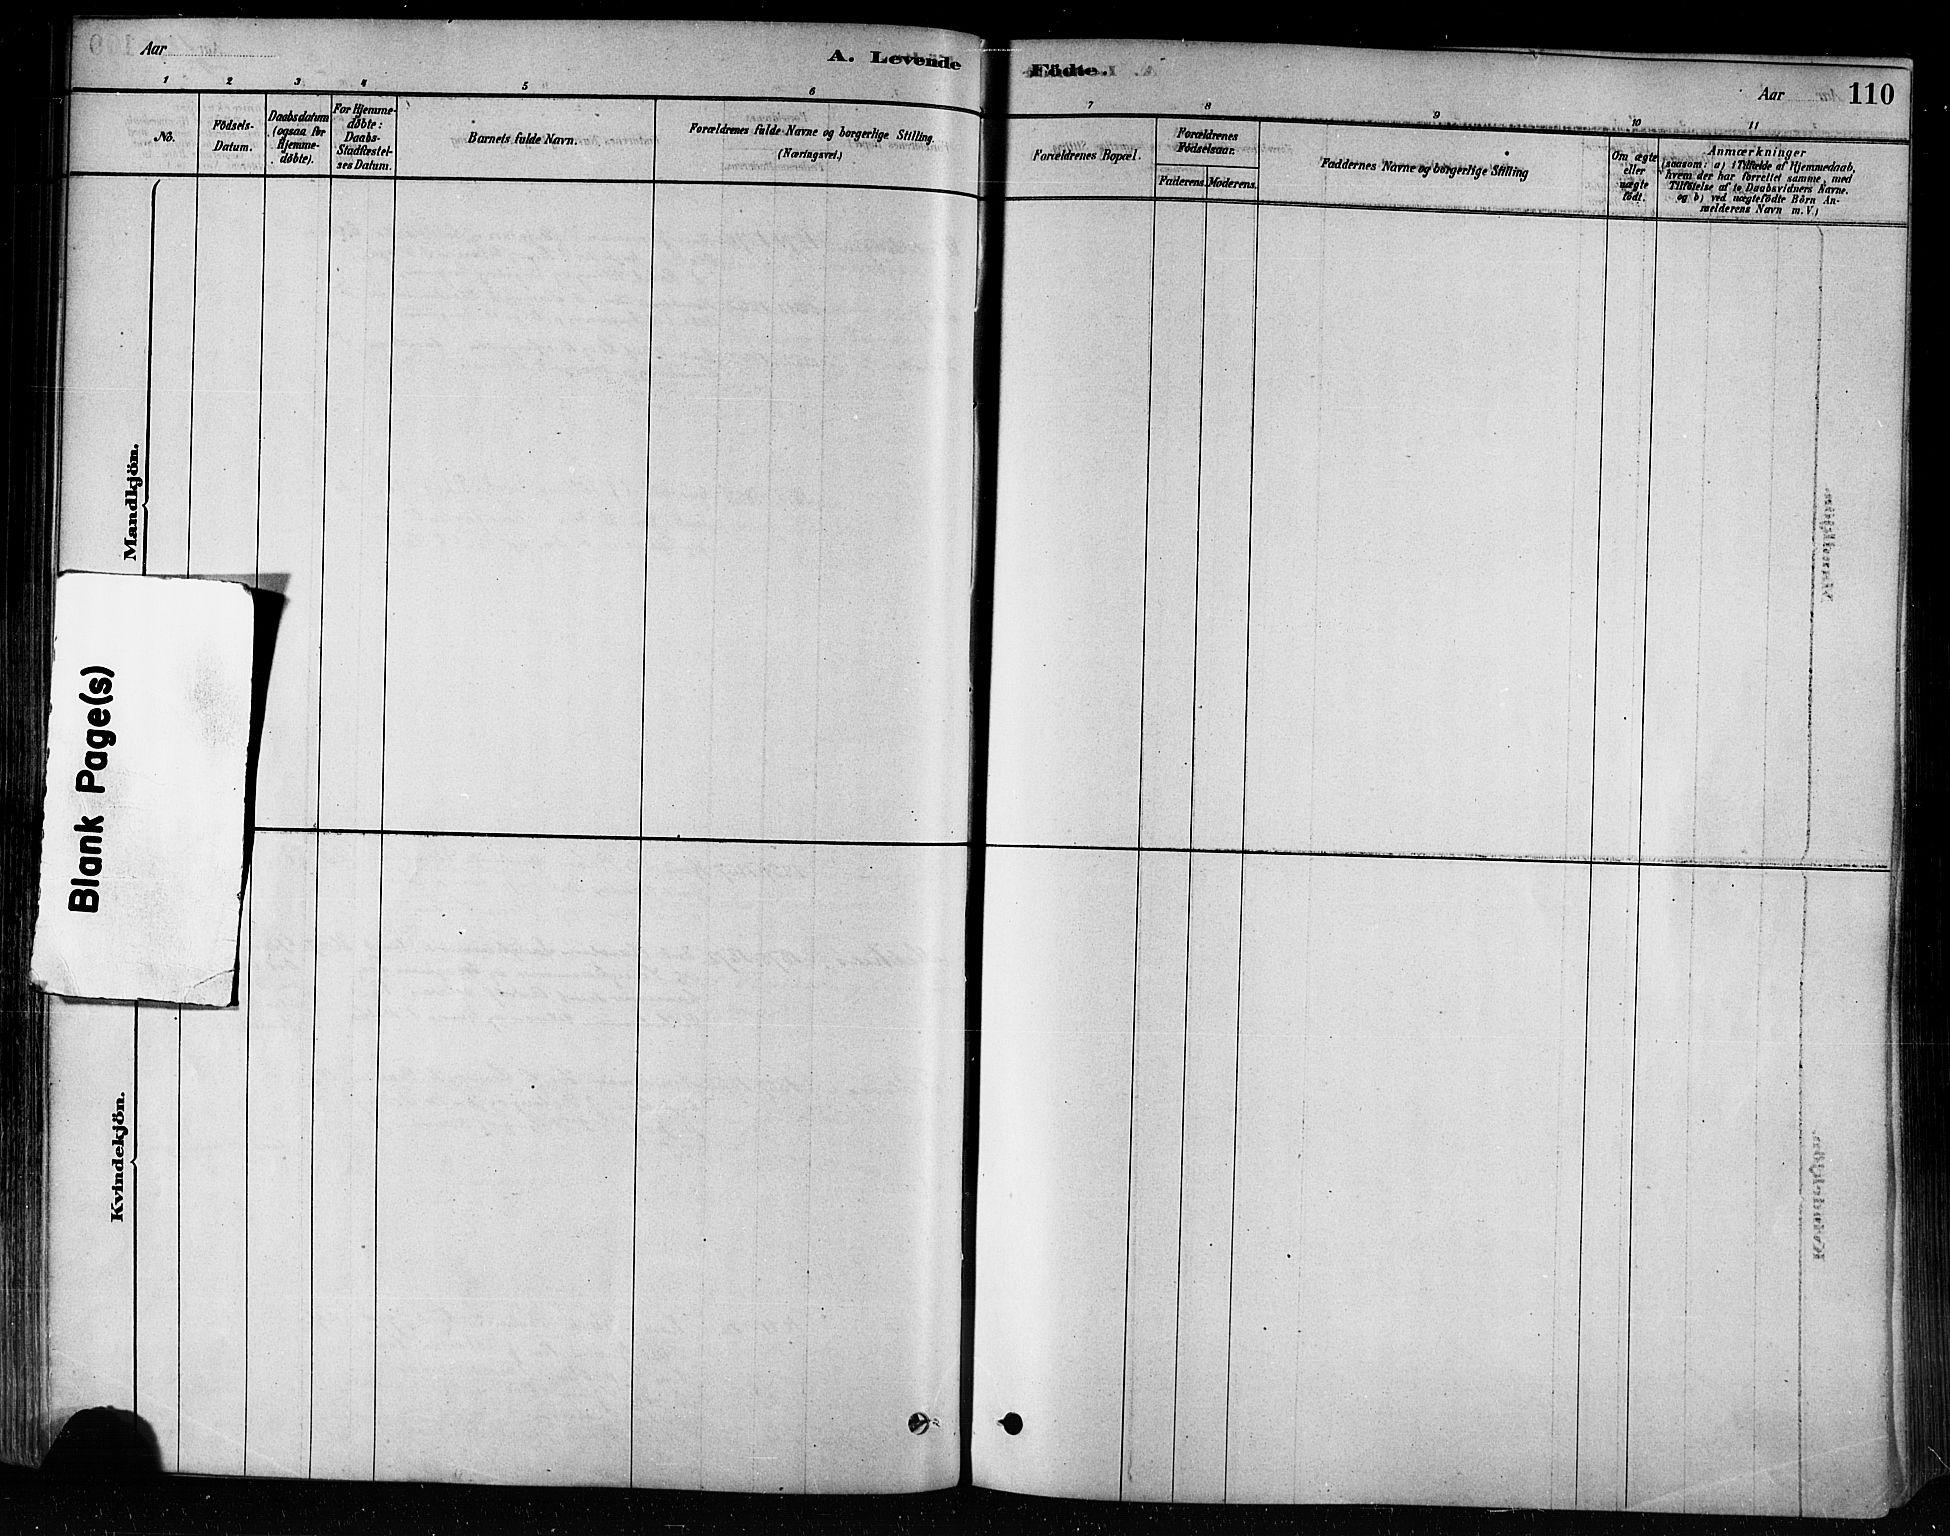 SAT, Ministerialprotokoller, klokkerbøker og fødselsregistre - Nord-Trøndelag, 746/L0449: Ministerialbok nr. 746A07 /3, 1878-1899, s. 110